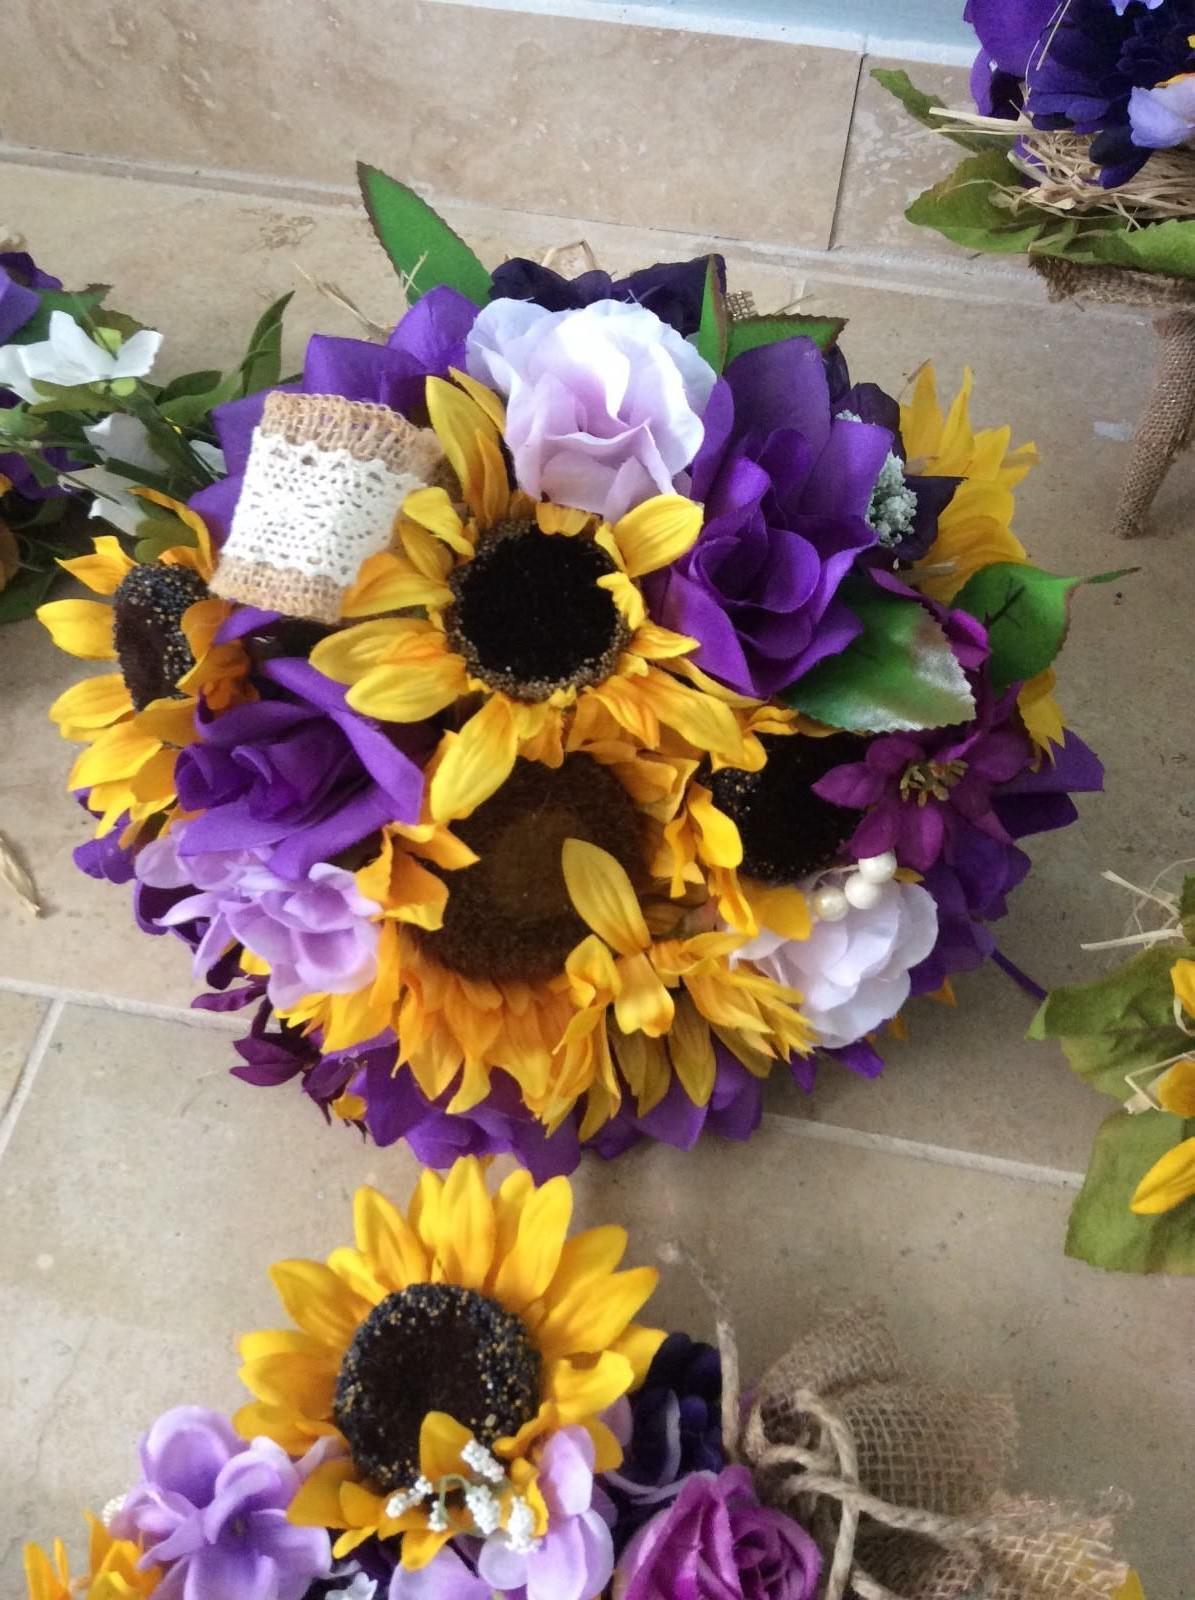 Mariage Fleurs Tournesol Bouquets Mariage Décorations ajouter de réception